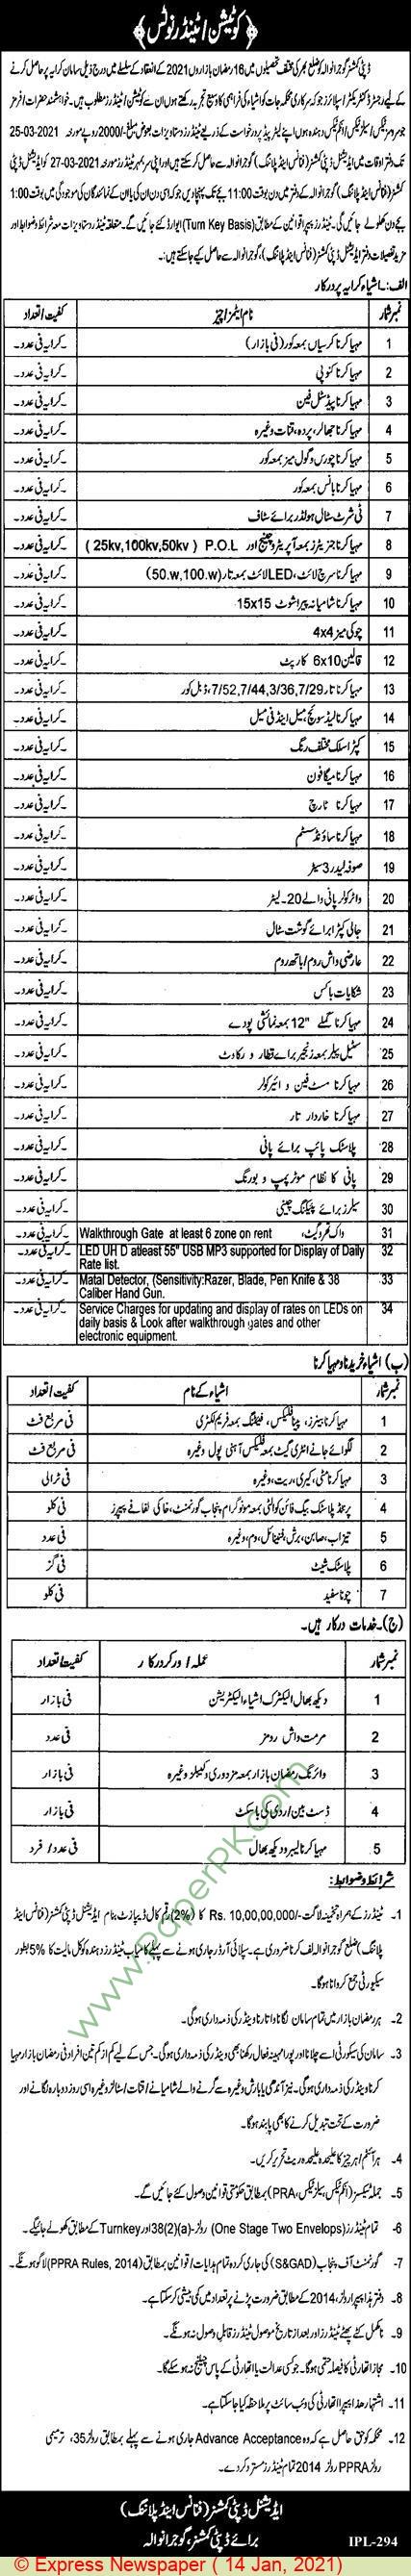 Financing & Planning Department Gujranwala Tender Notice